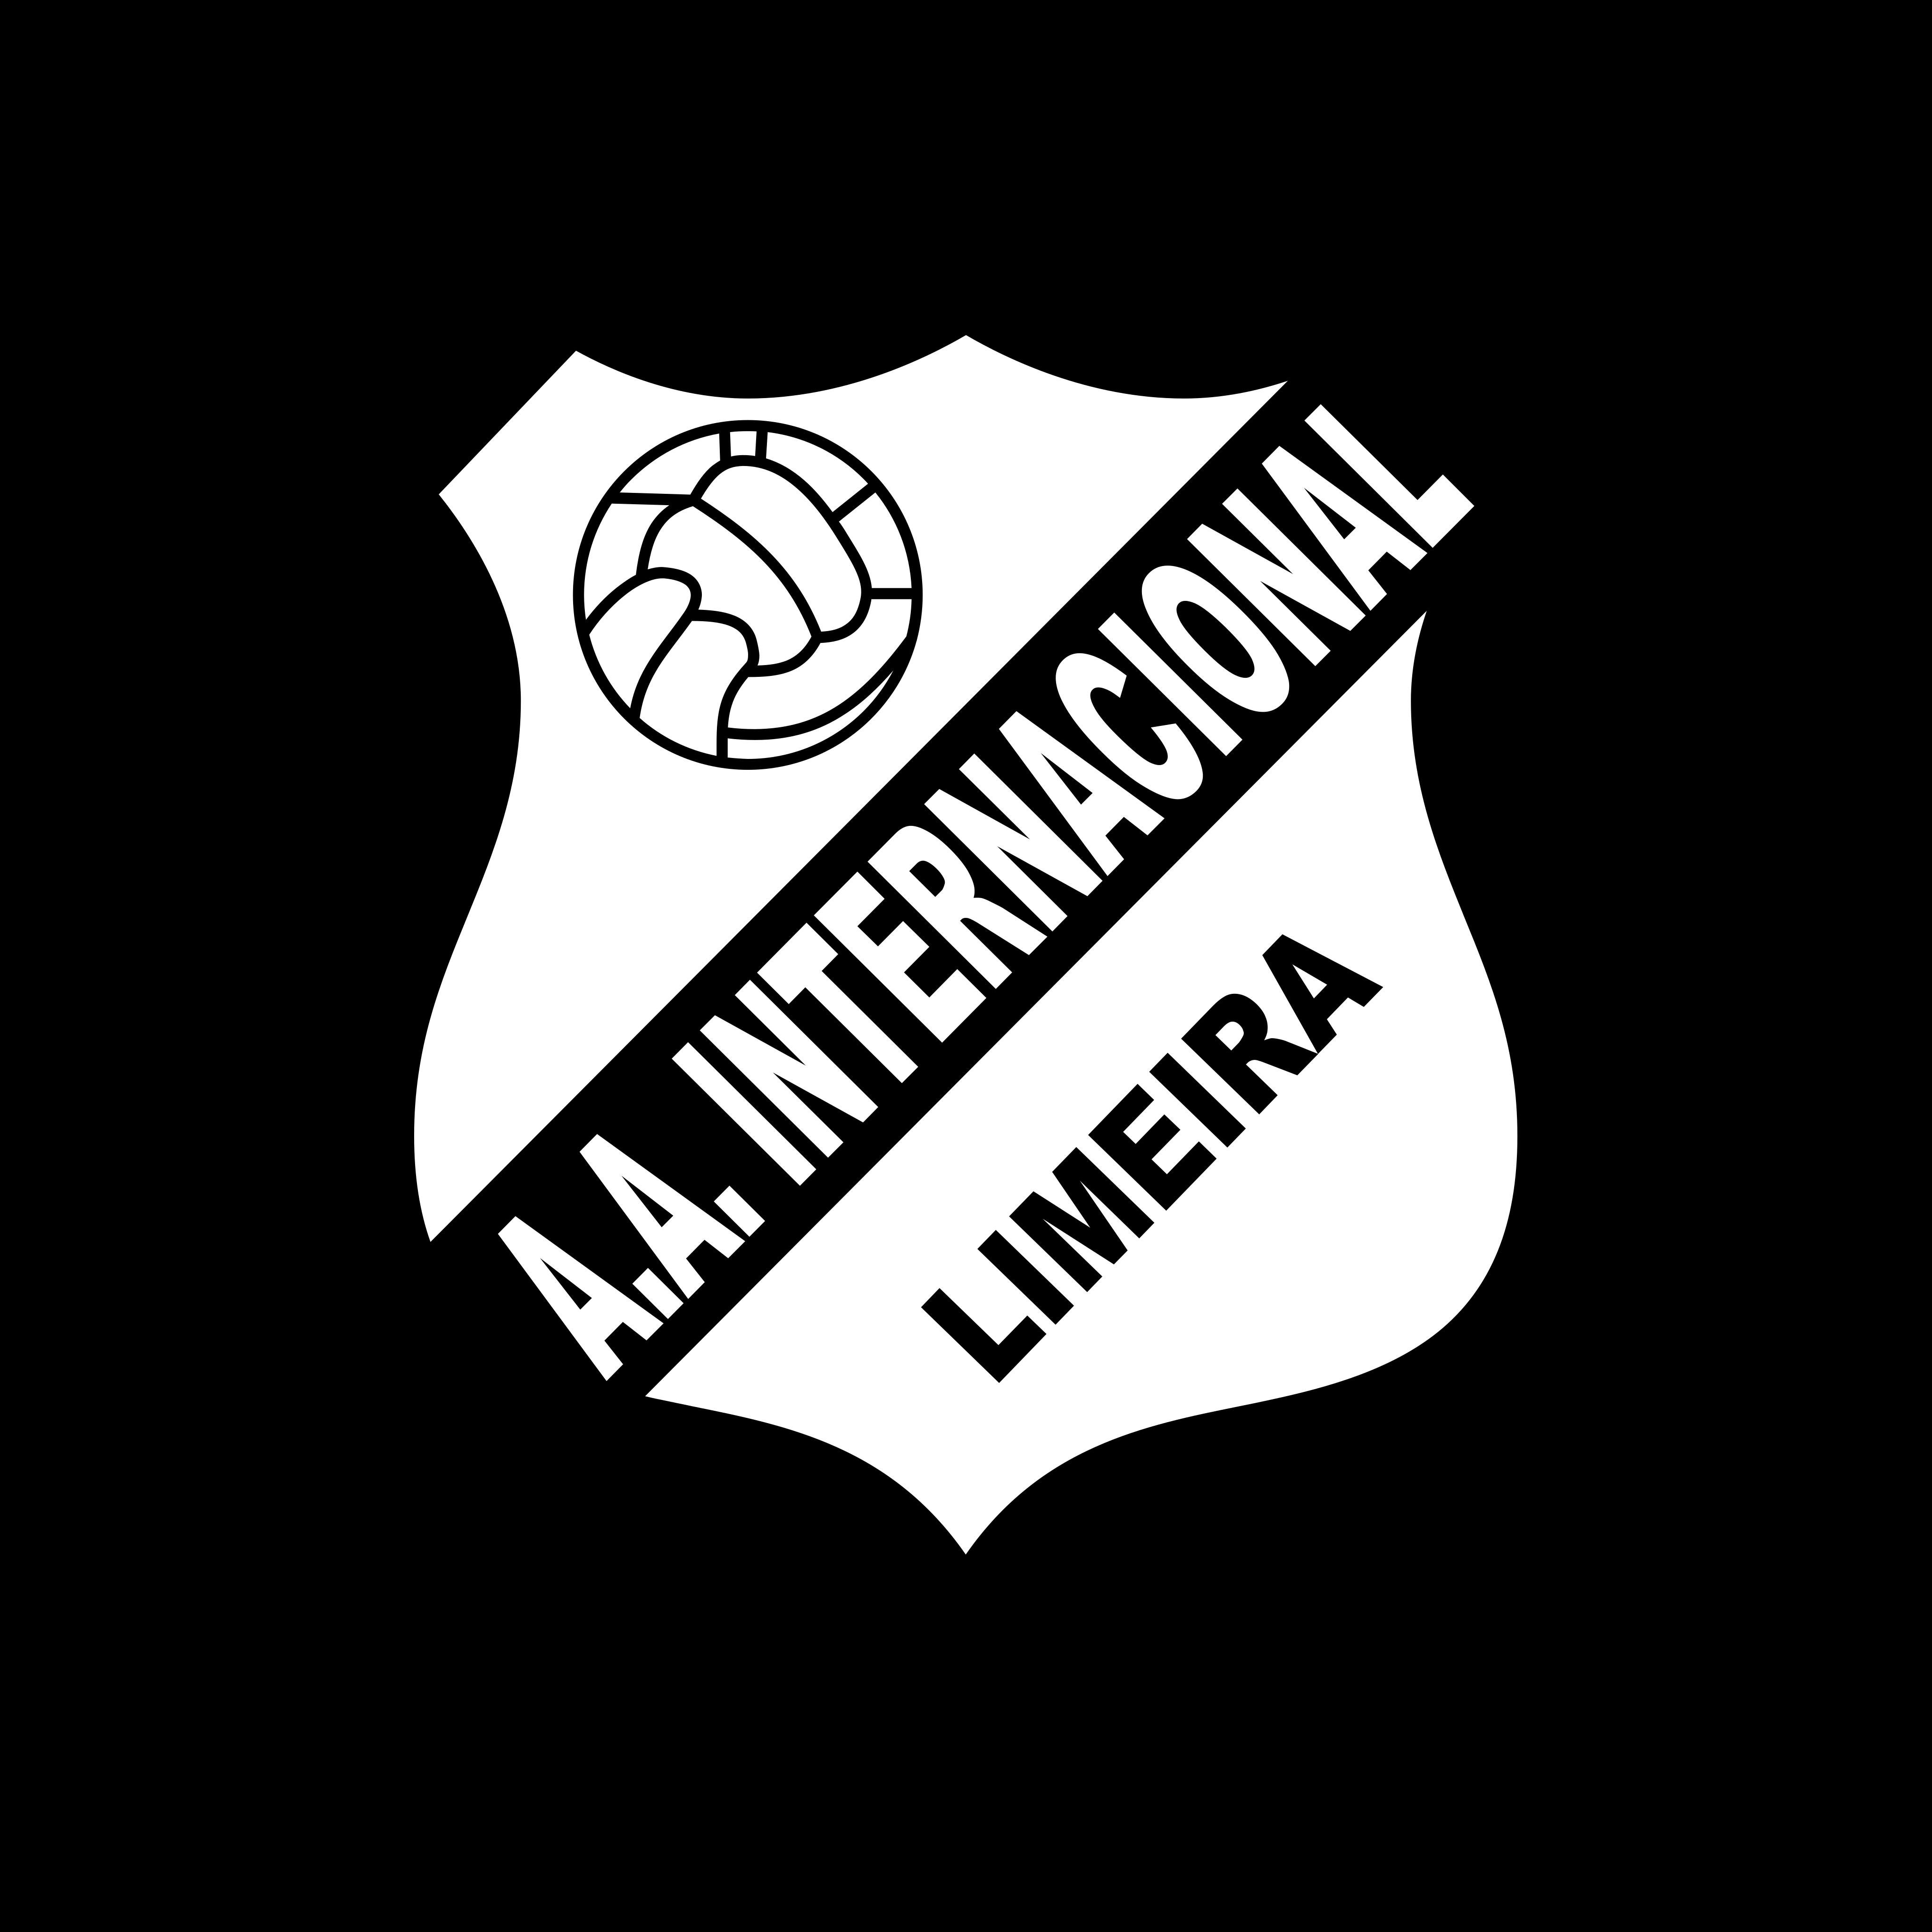 inter limeira logo escudo 0 - Inter de Limeira Logo - Escudo